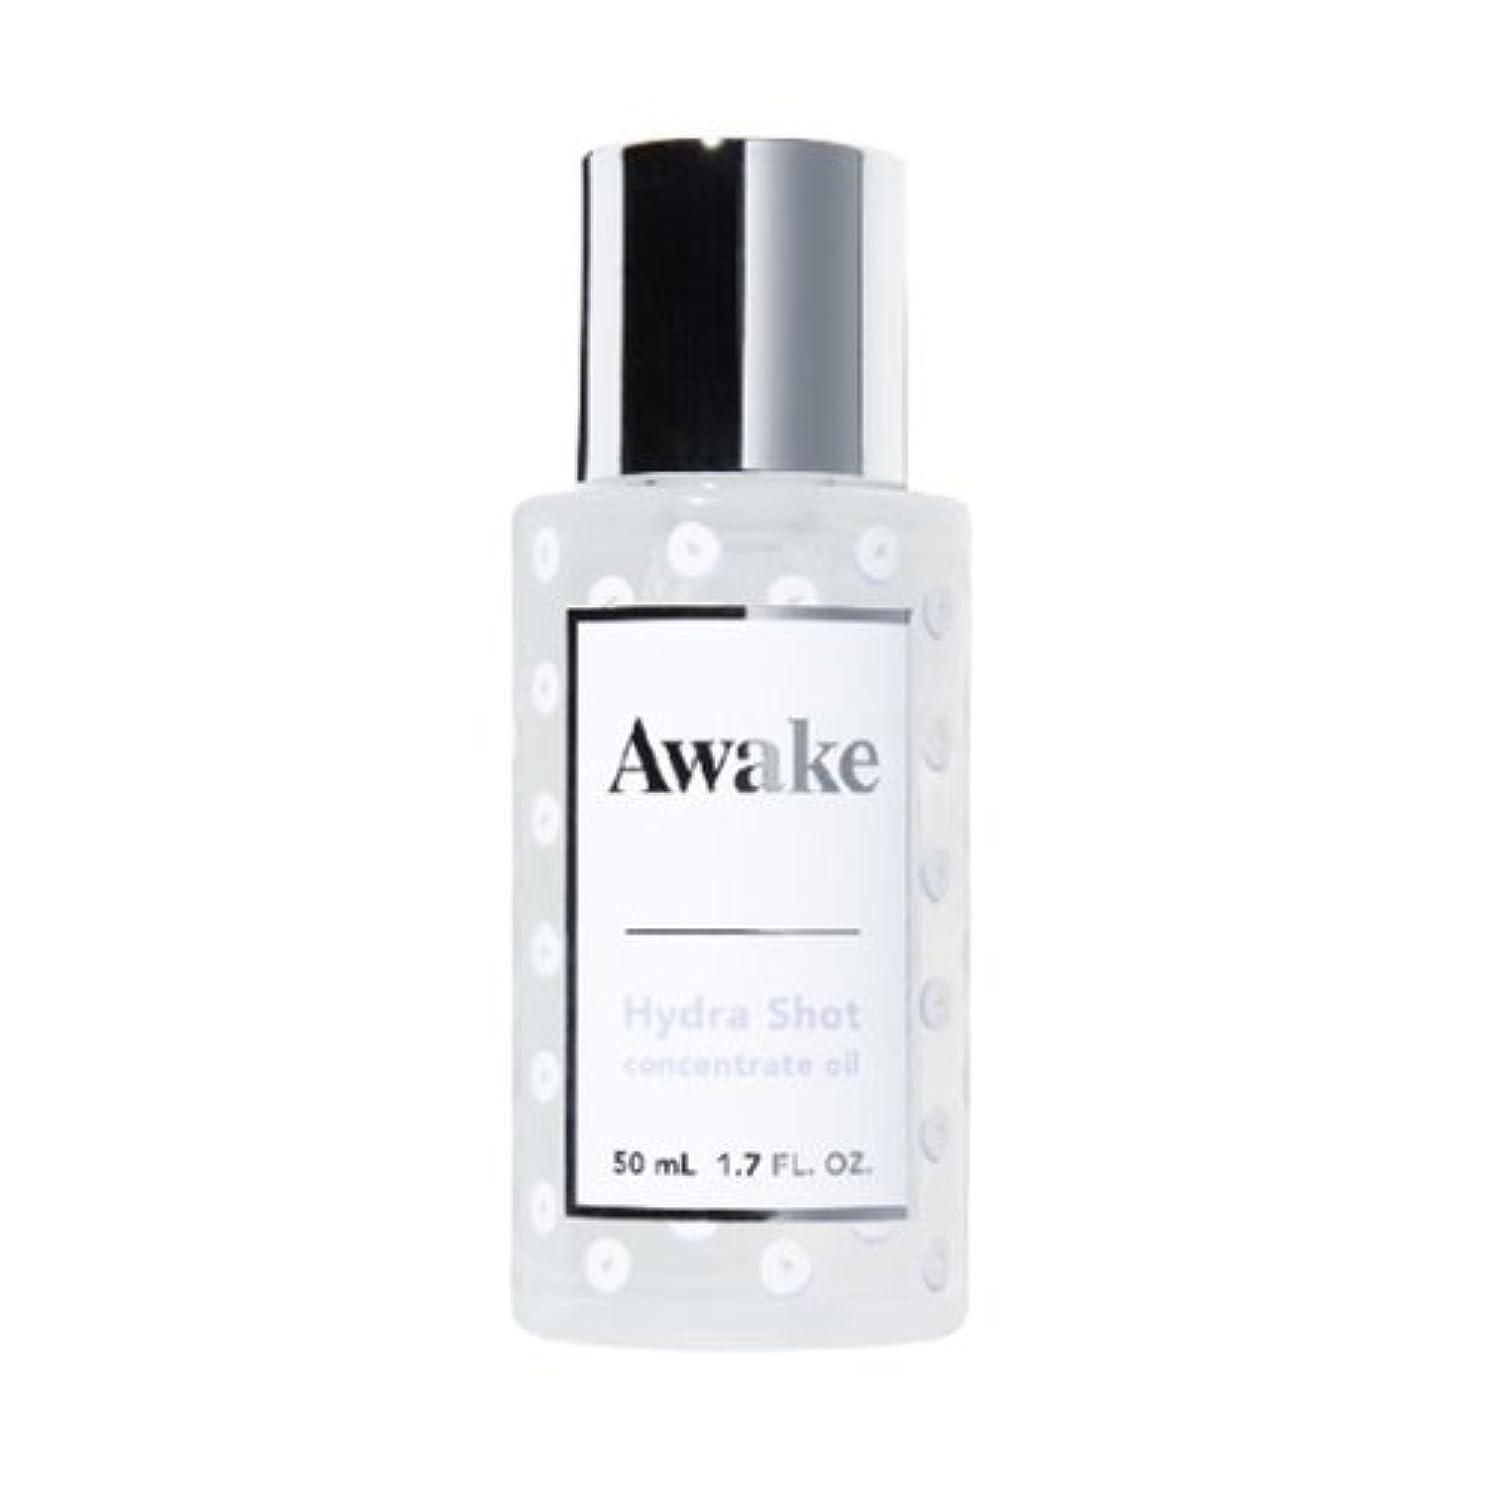 に頼る横保証するアウェイク(AWAKE) Awake(アウェイク) ハイドラショット コンセントレイトオイル 〈美容オイル〉 (20mL)